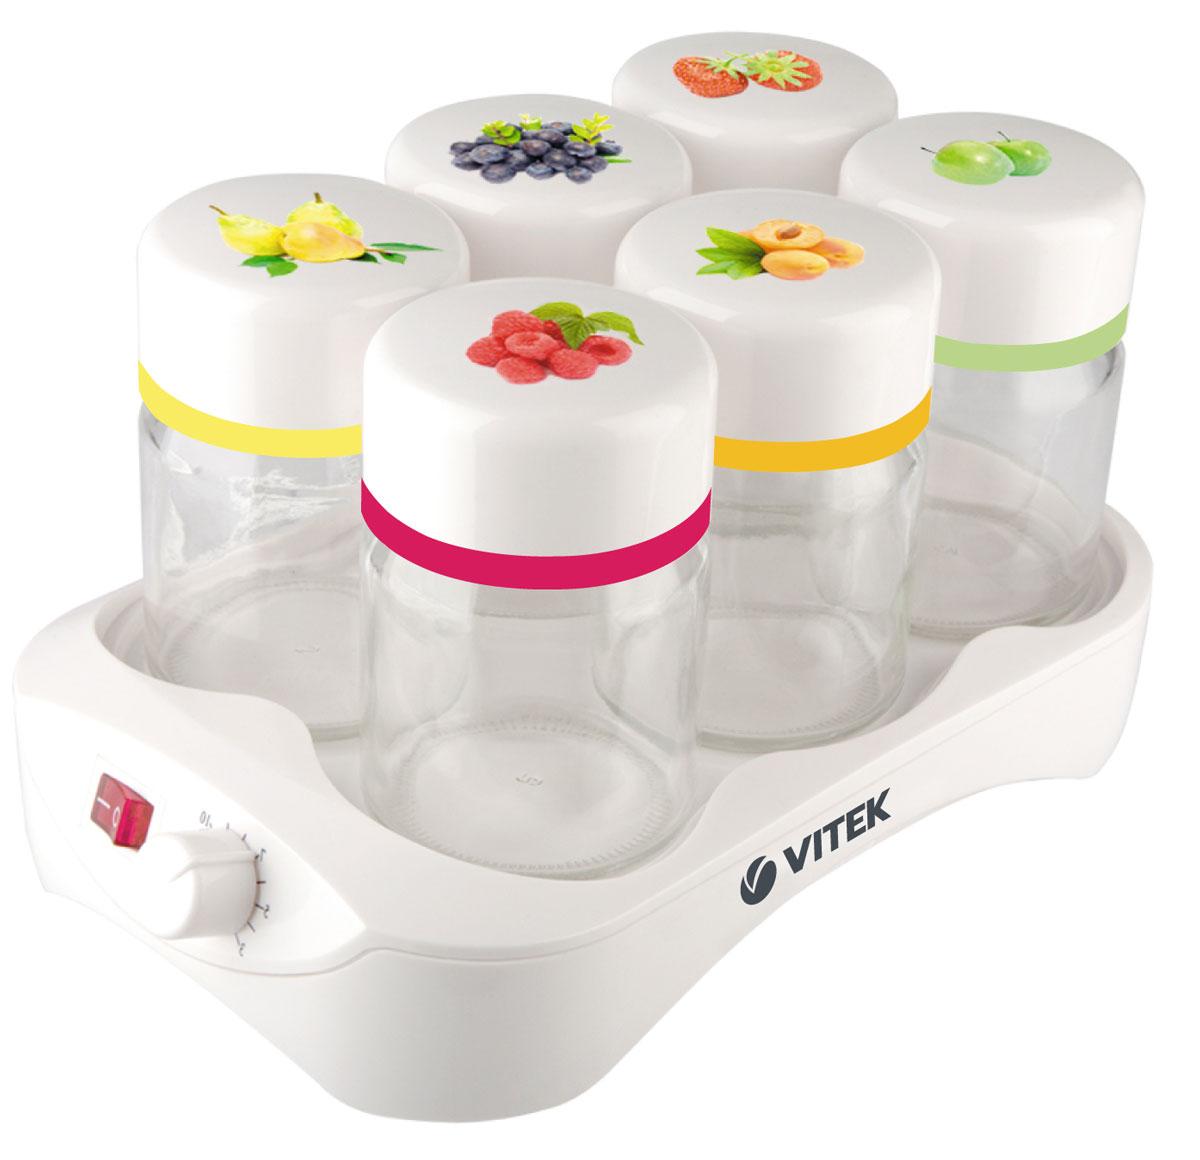 Vitek VT- 2600 W йогуртницаVT- 2600(W)Домашний йогурт – это не фантастика, если у вас есть йогуртница Vitek VT-2600 W. Компактное и надежное устройство порадует каждого, кто любит молочный десерт с разными вкусами. Простоту эксплуатации йогуртницы вы оцените при первом же ее использовании. Воспользовавшись таймером, вы можете приготовить десерт к нужному времени. А установив автоотключение - не ждать окончания работы устройства. Если же использовать данные опции одновременно, вы можете заняться любыми домашними делами и не переживать за приготовление йогурта! Йогуртница не перегревает кисломолочные продукты, что позволяет сохранить в них все полезные вещества. Легкий, вкусный, а главное полезный напиток из молока… Йогурт – тот продукт, который рекомендуется употреблять всем: от мала до велика. Однако не все знают, что йогурты, представленные на полках наших магазинов, натуральностью не отличаются. Вот почему есть смысл пользоваться замечательным прибором от Vitek – йогуртницой VT-2600, в...